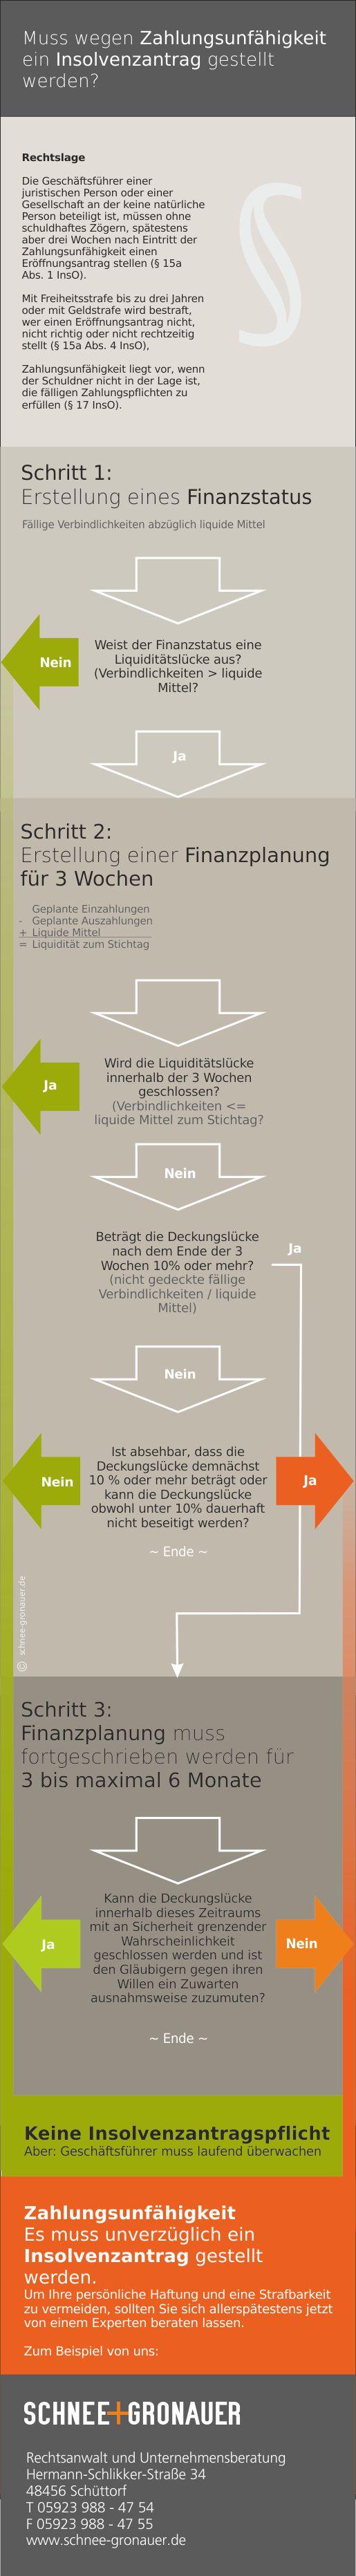 Infografik zur Prüfung der Insolvenzantragspflicht